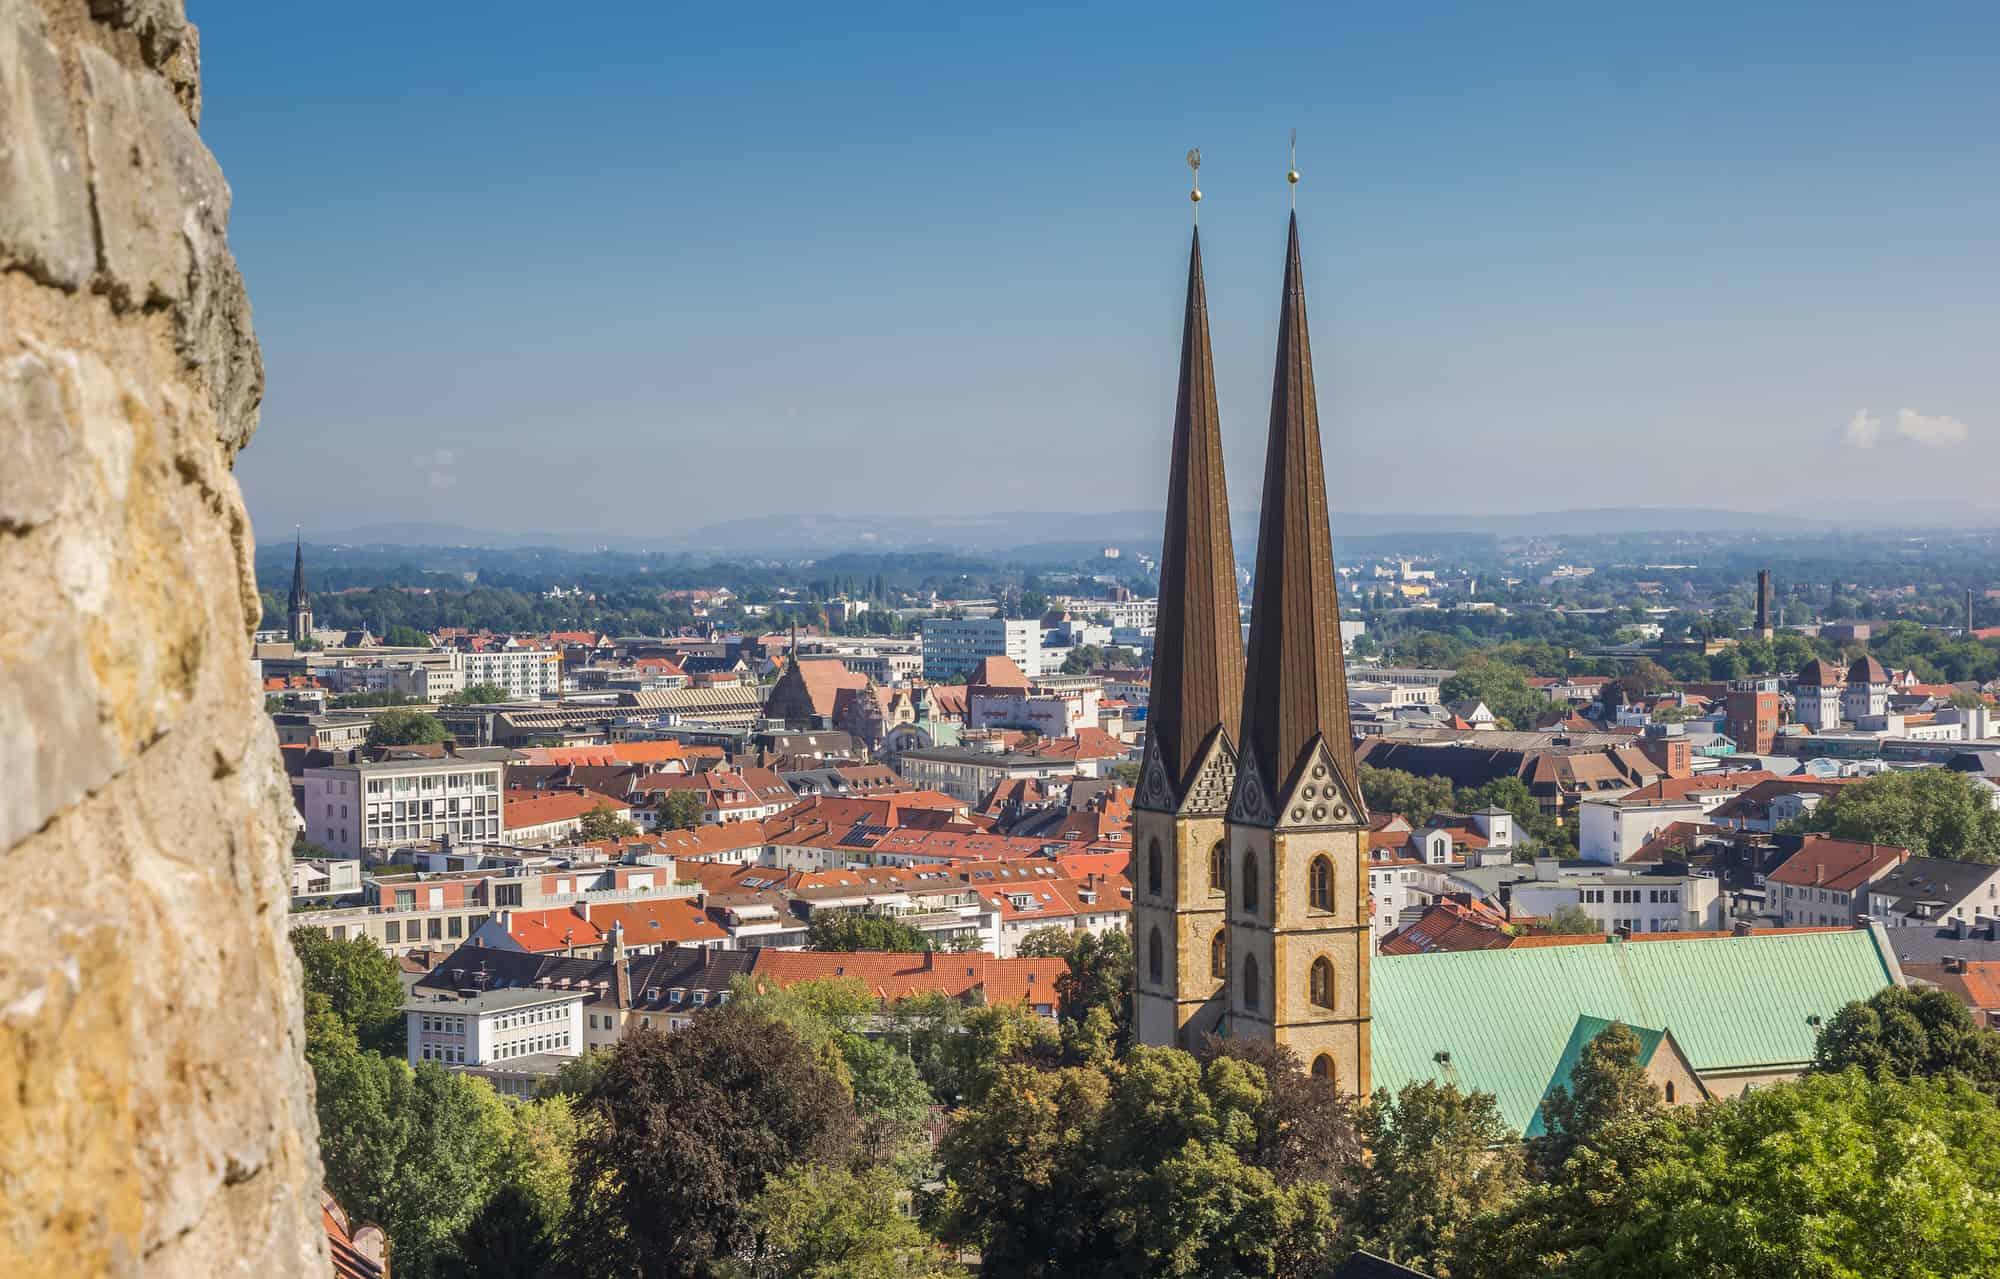 Sehenswürdigkeiten und Kostümverleih in Bielefeld